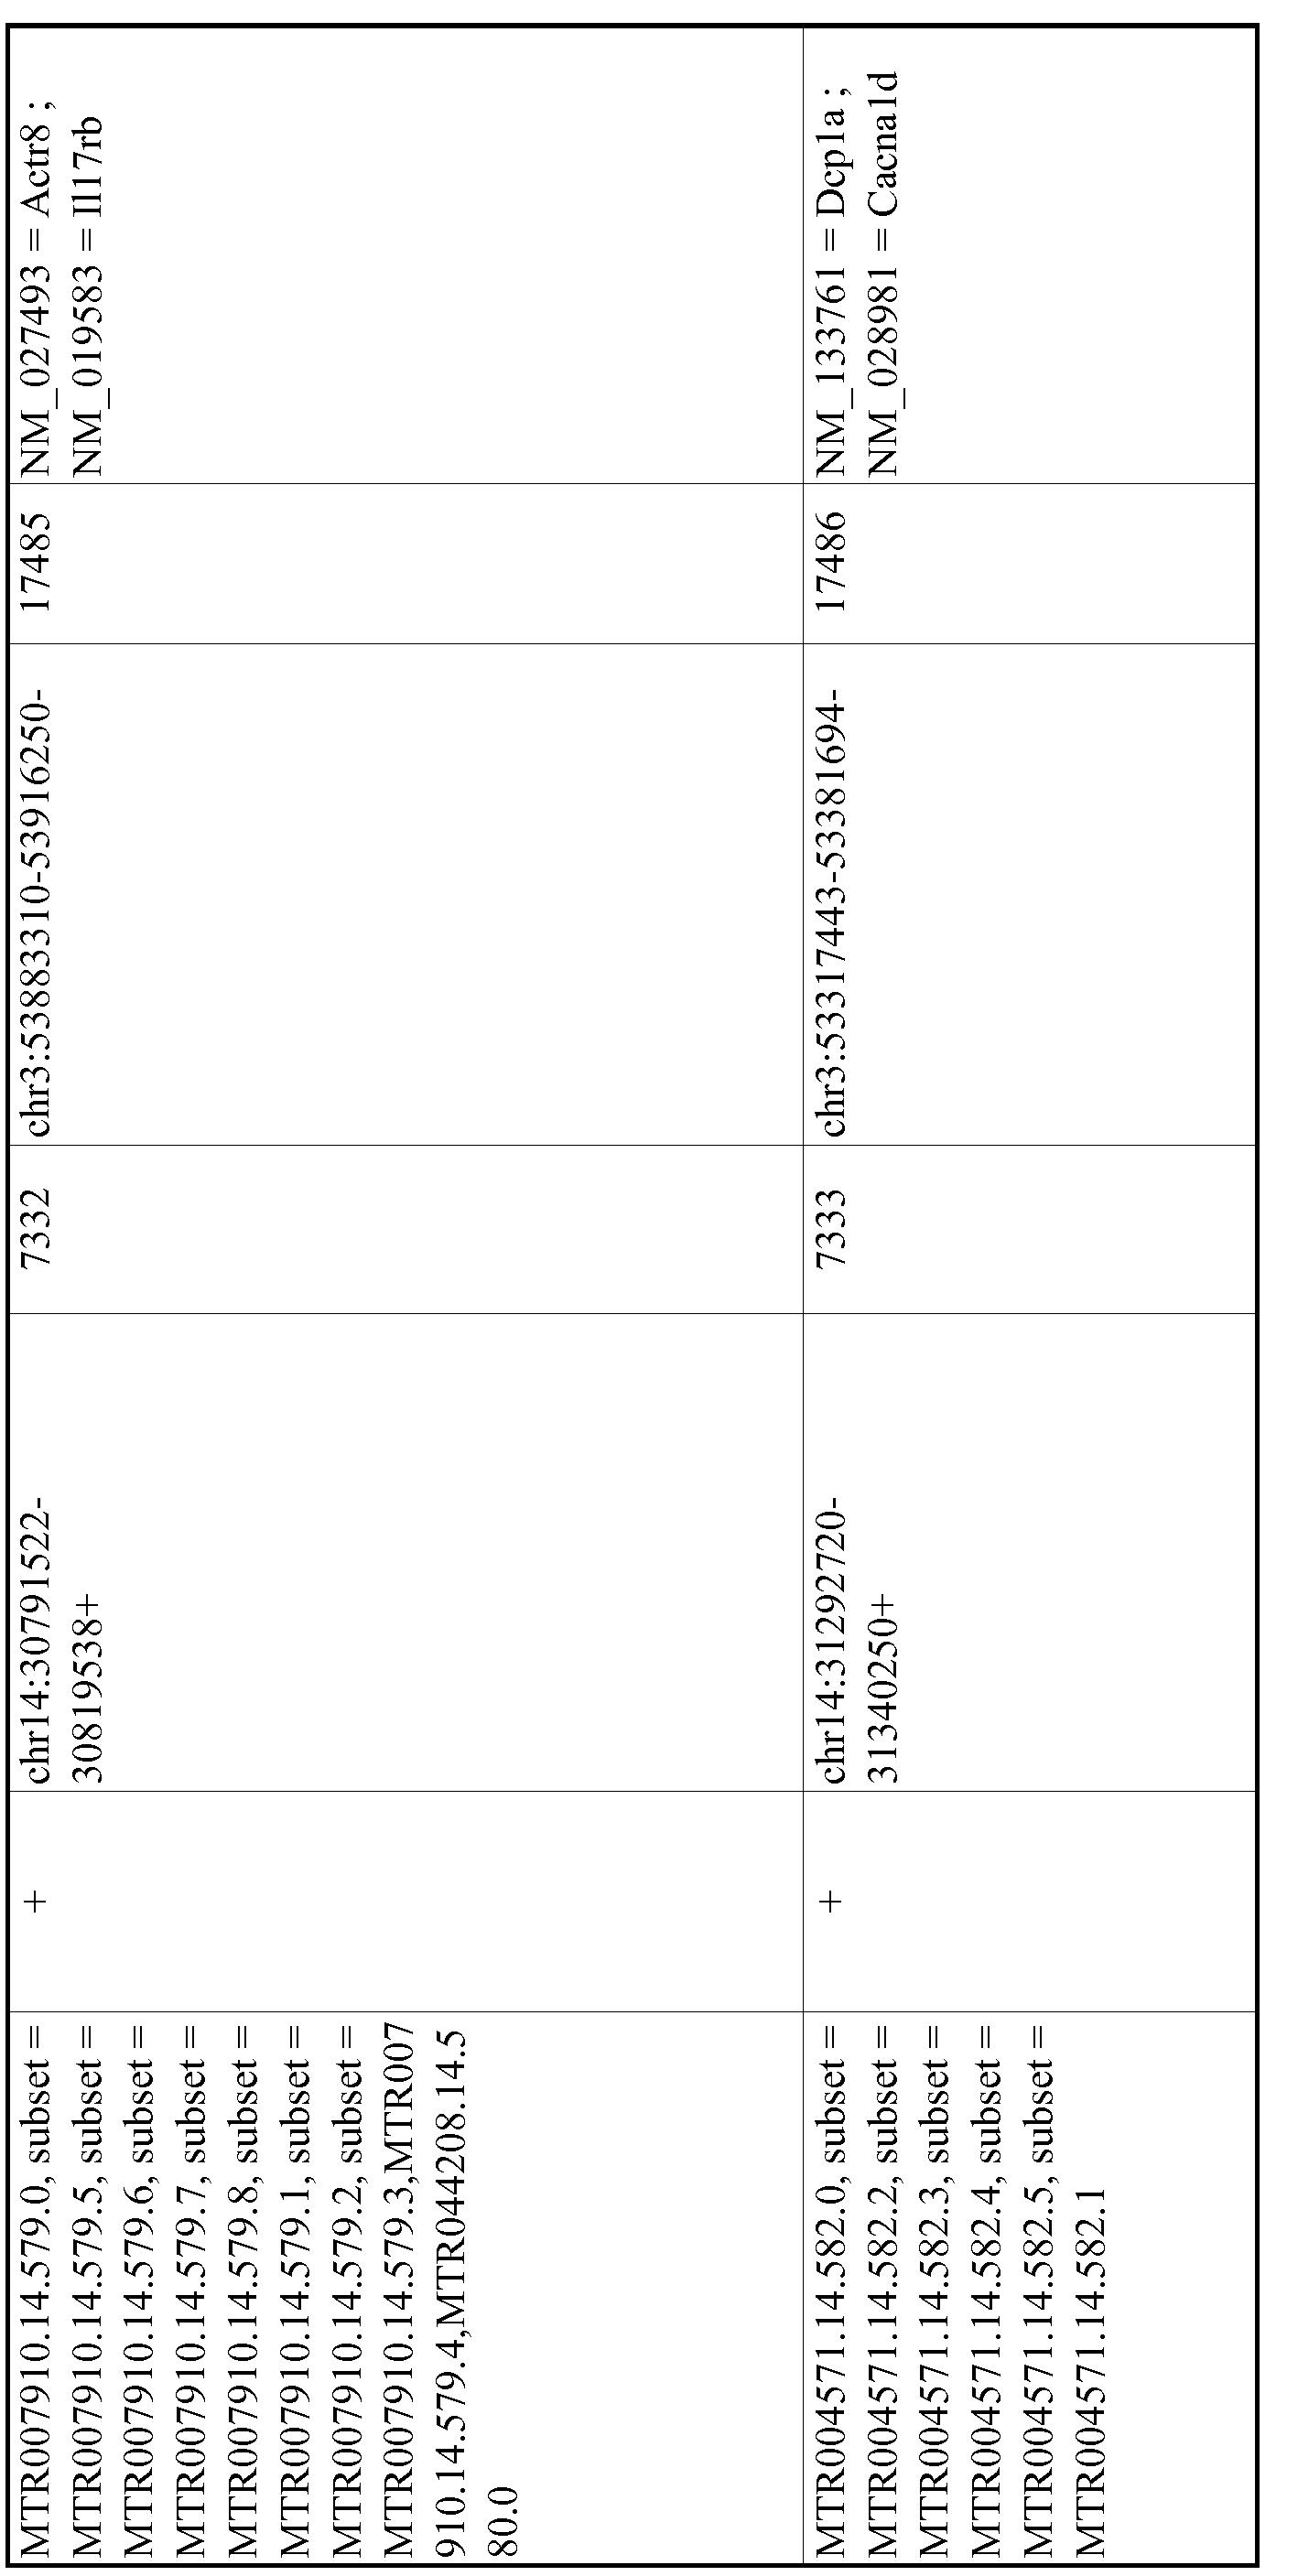 Figure imgf001281_0001